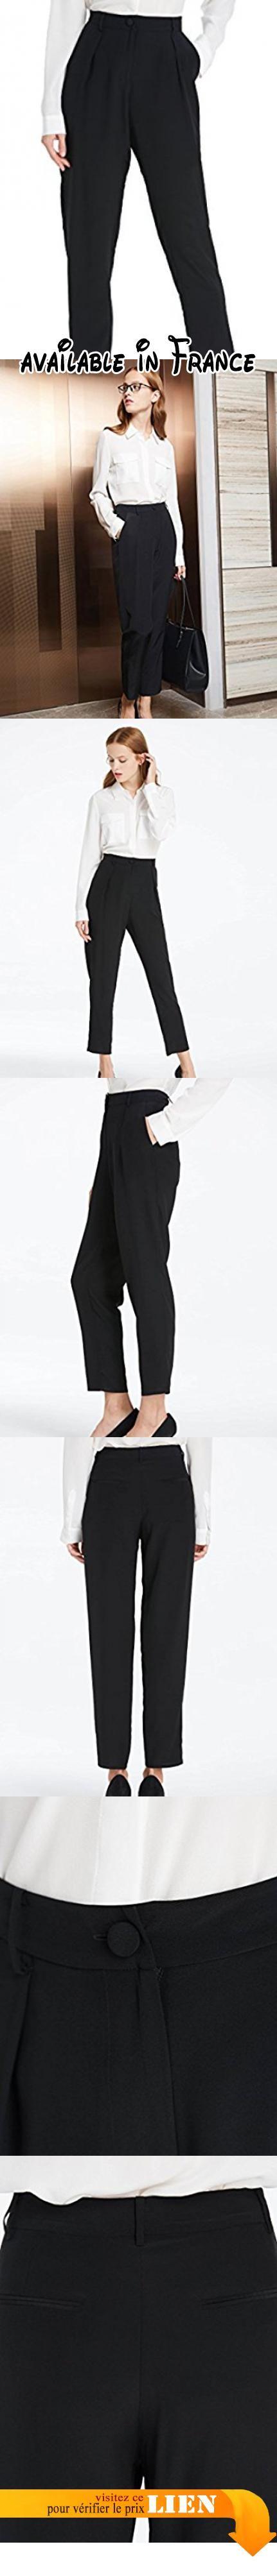 09db01e9d92 B0774SNRT3   LILYSILK Pantalon Femme Soie de Mûrier Ultra-confort Pantalon  Basique Slim Cigarette Uni